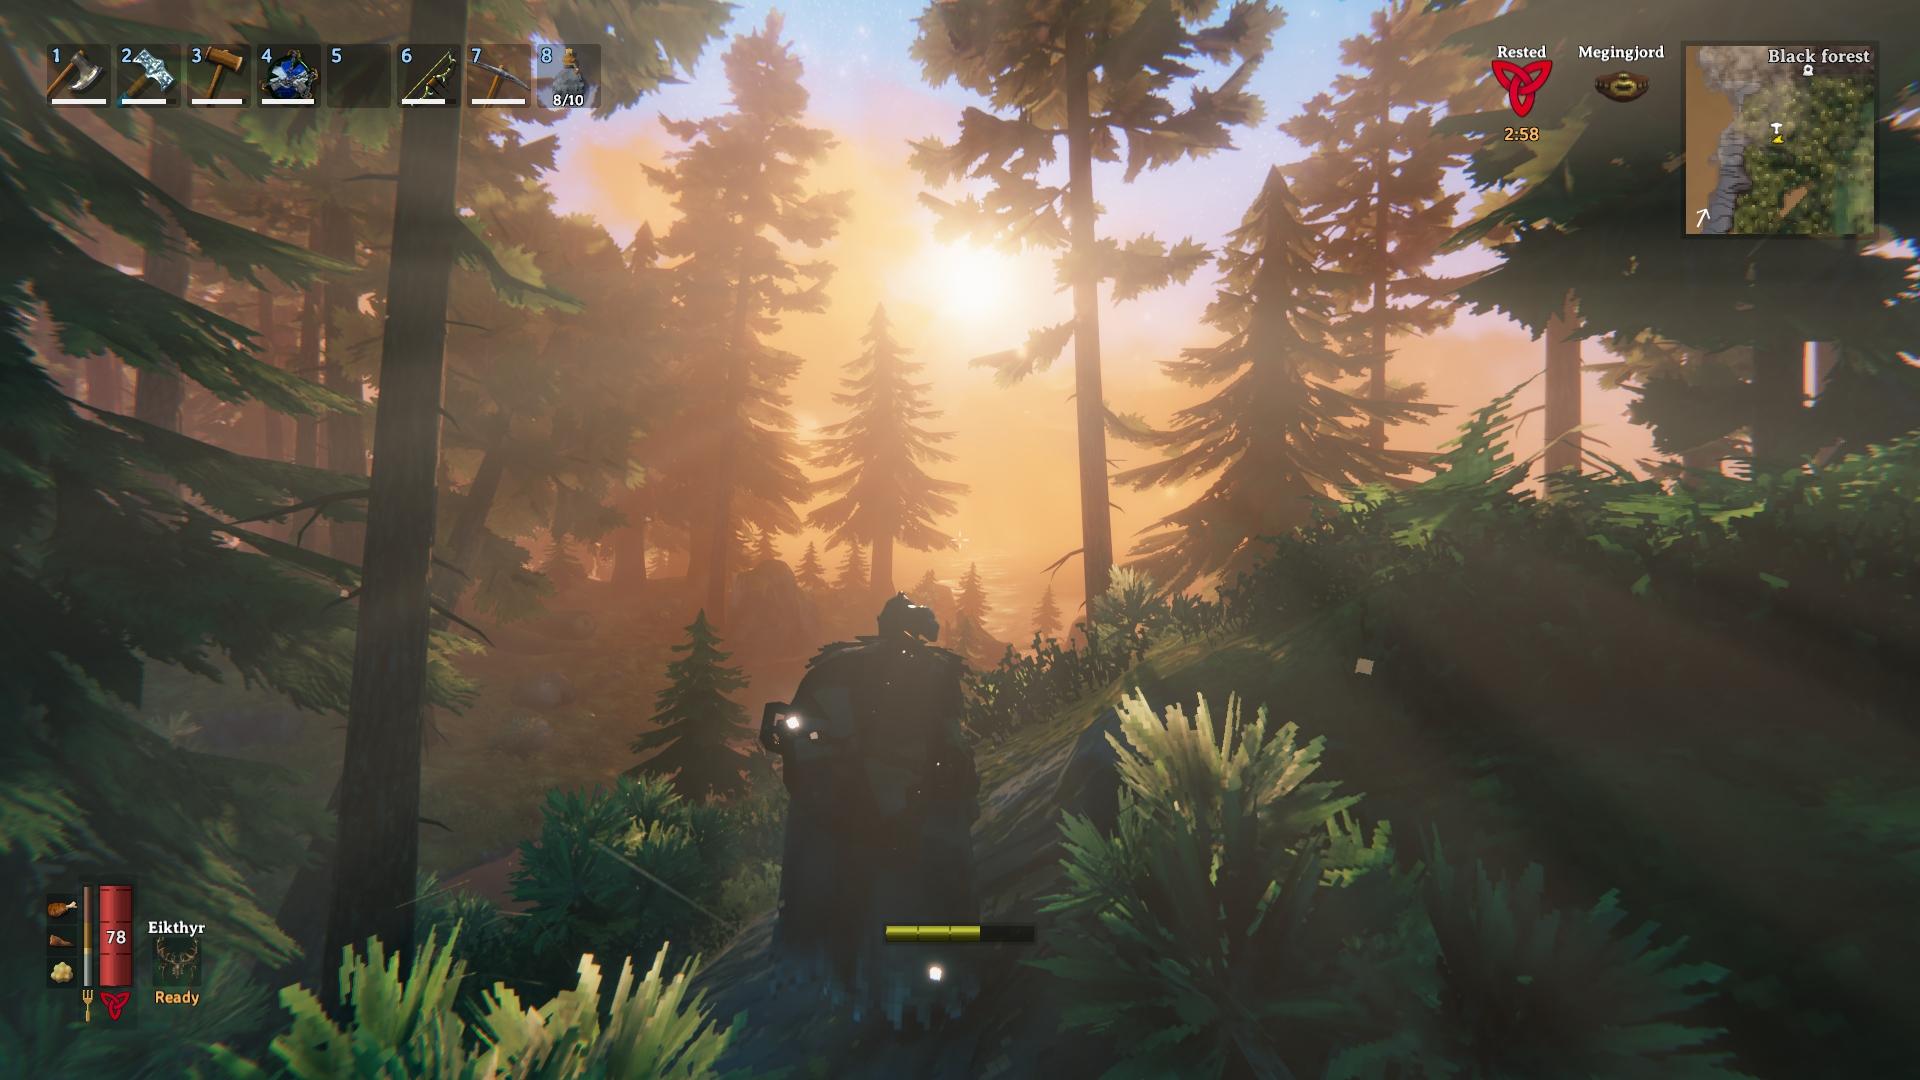 Hoci sa autori snažia imitovať retro grafiku prvých 3D hier, napriek tomu vie byť Valheim prekrásnym miestom.